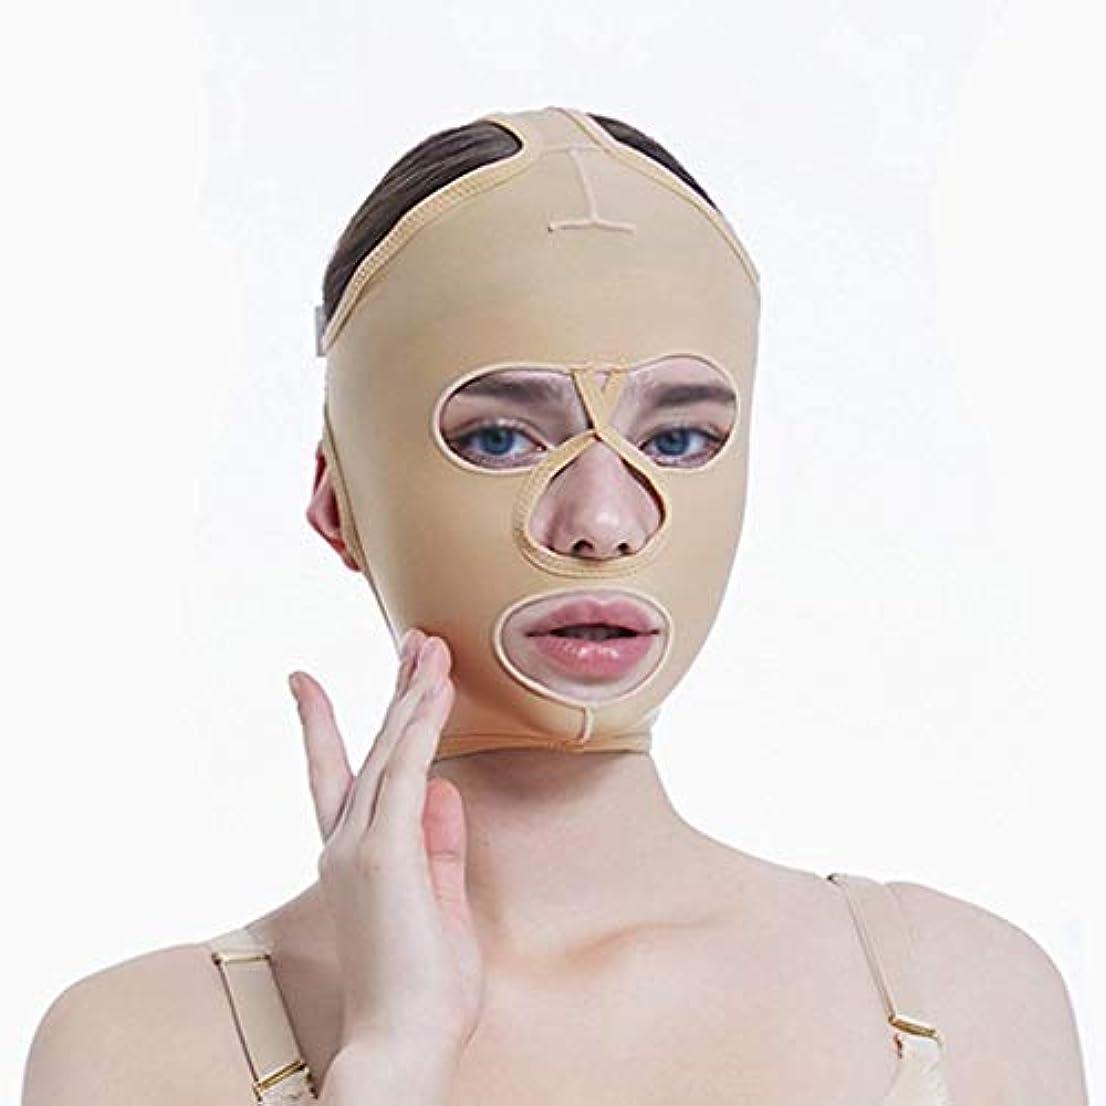 ベリダルセット前提チンリフティングベルト、超薄型ベルト、引き締めマスク、包帯吊り、フェイスリフティングマスク、超薄型ベルト、通気性(サイズ:L),ザ?